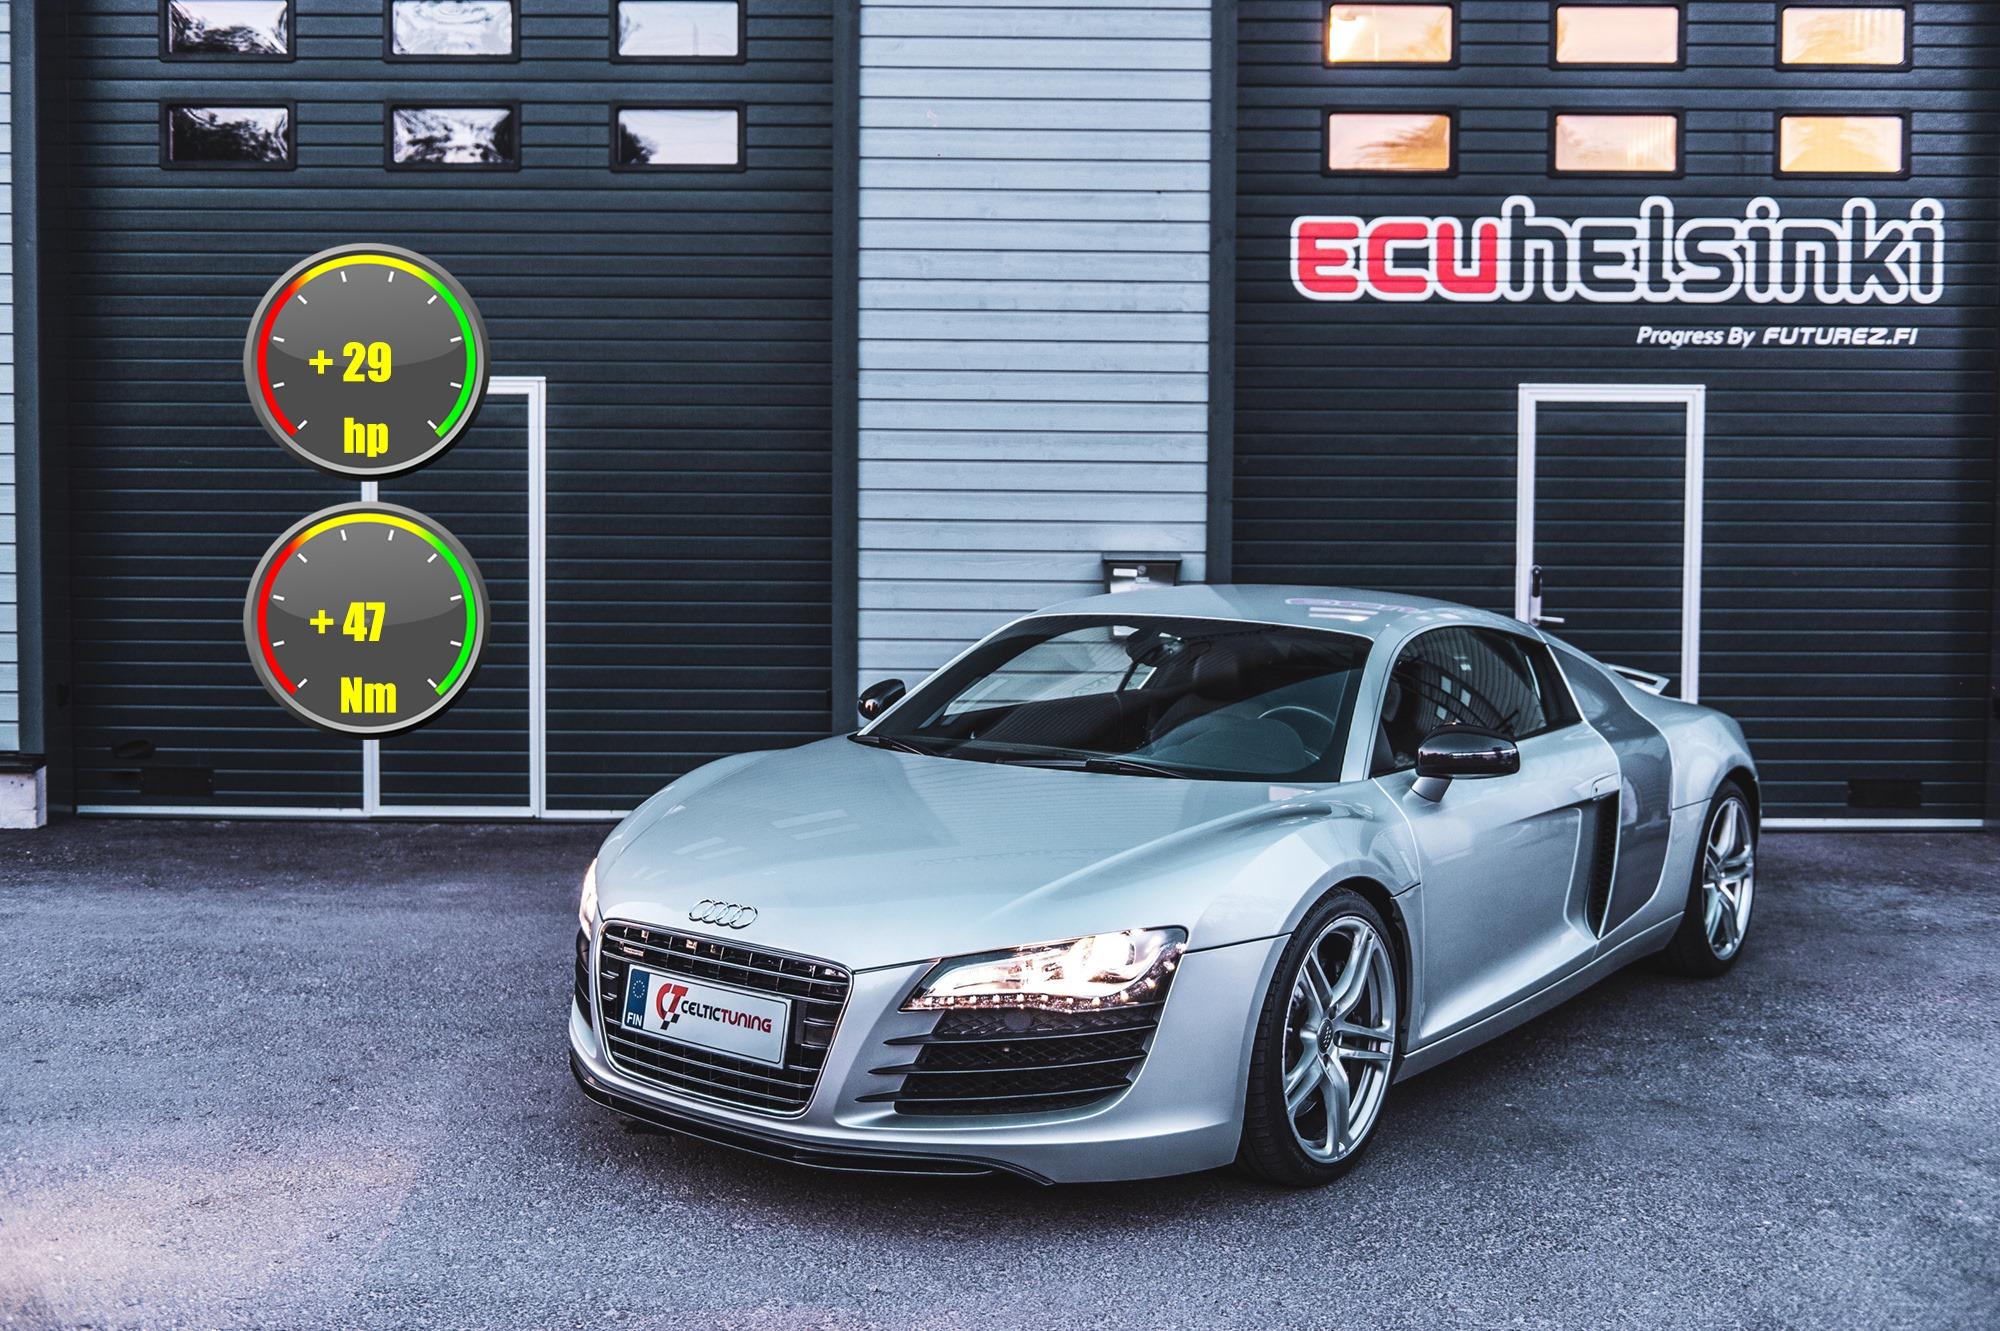 Audi R8 V8 lastu celtic tuning